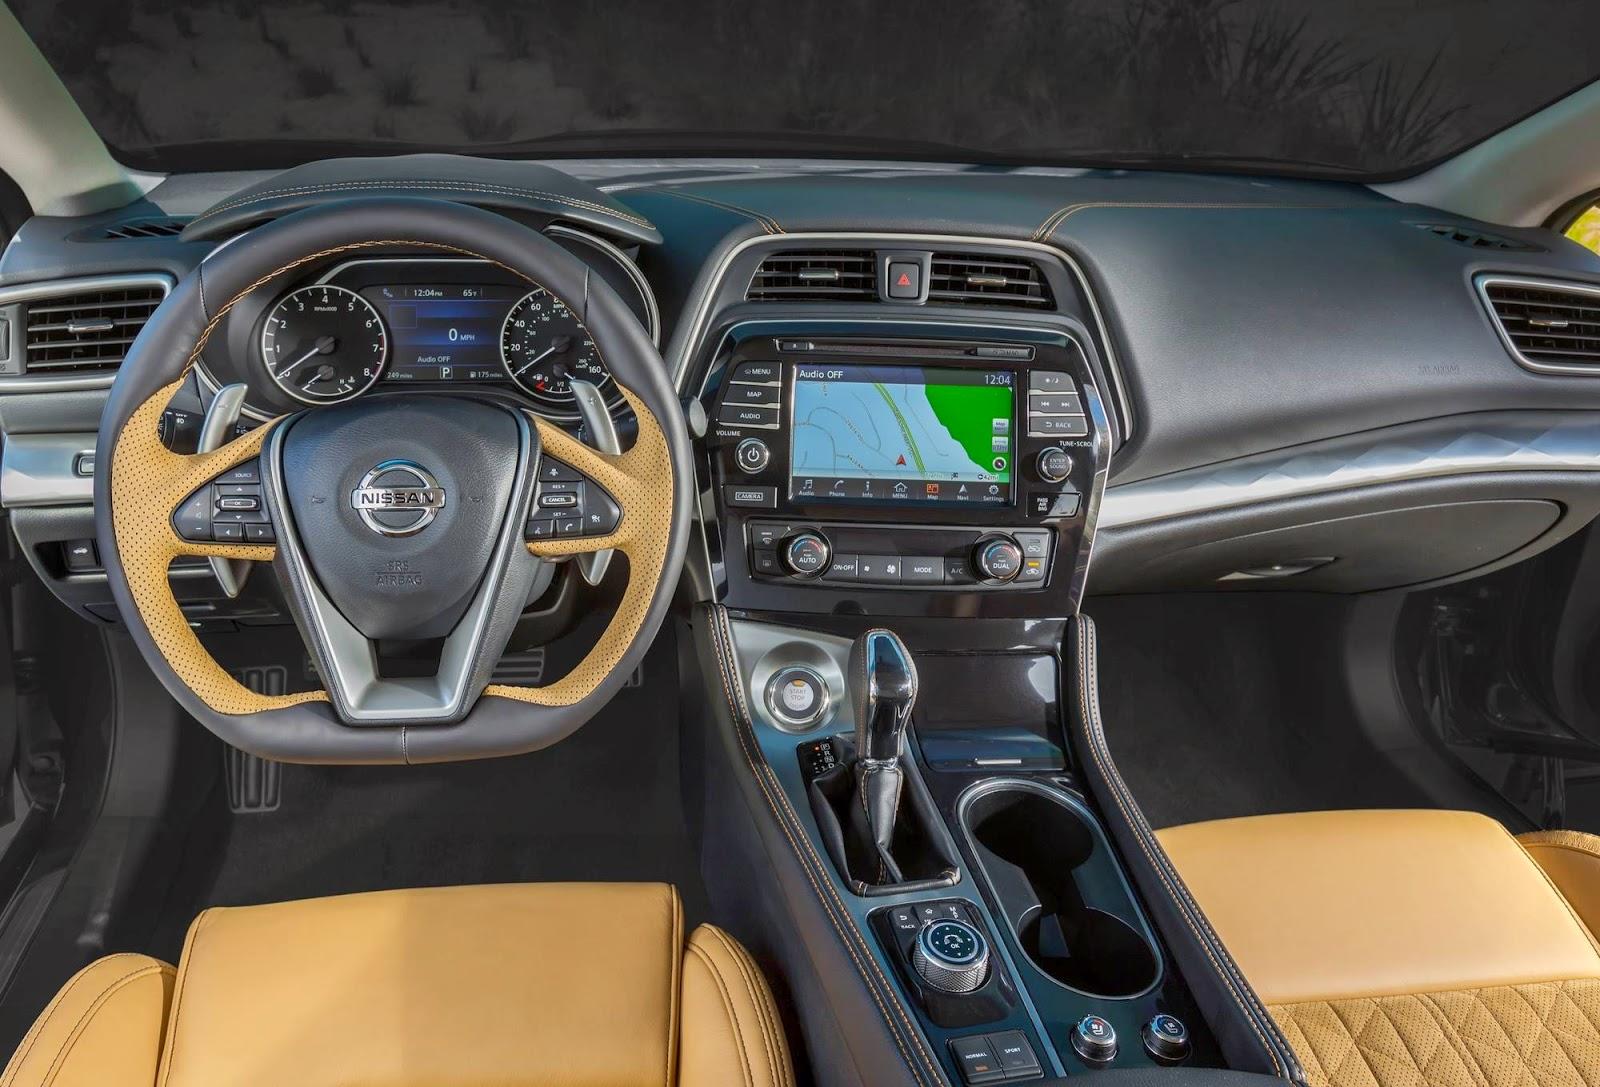 Το εντυπωσιακό Nissan Maxima! Διαβάστε λεπτομέρειες για το νέο μοντέλο της ιαπωνικής φίρμας!